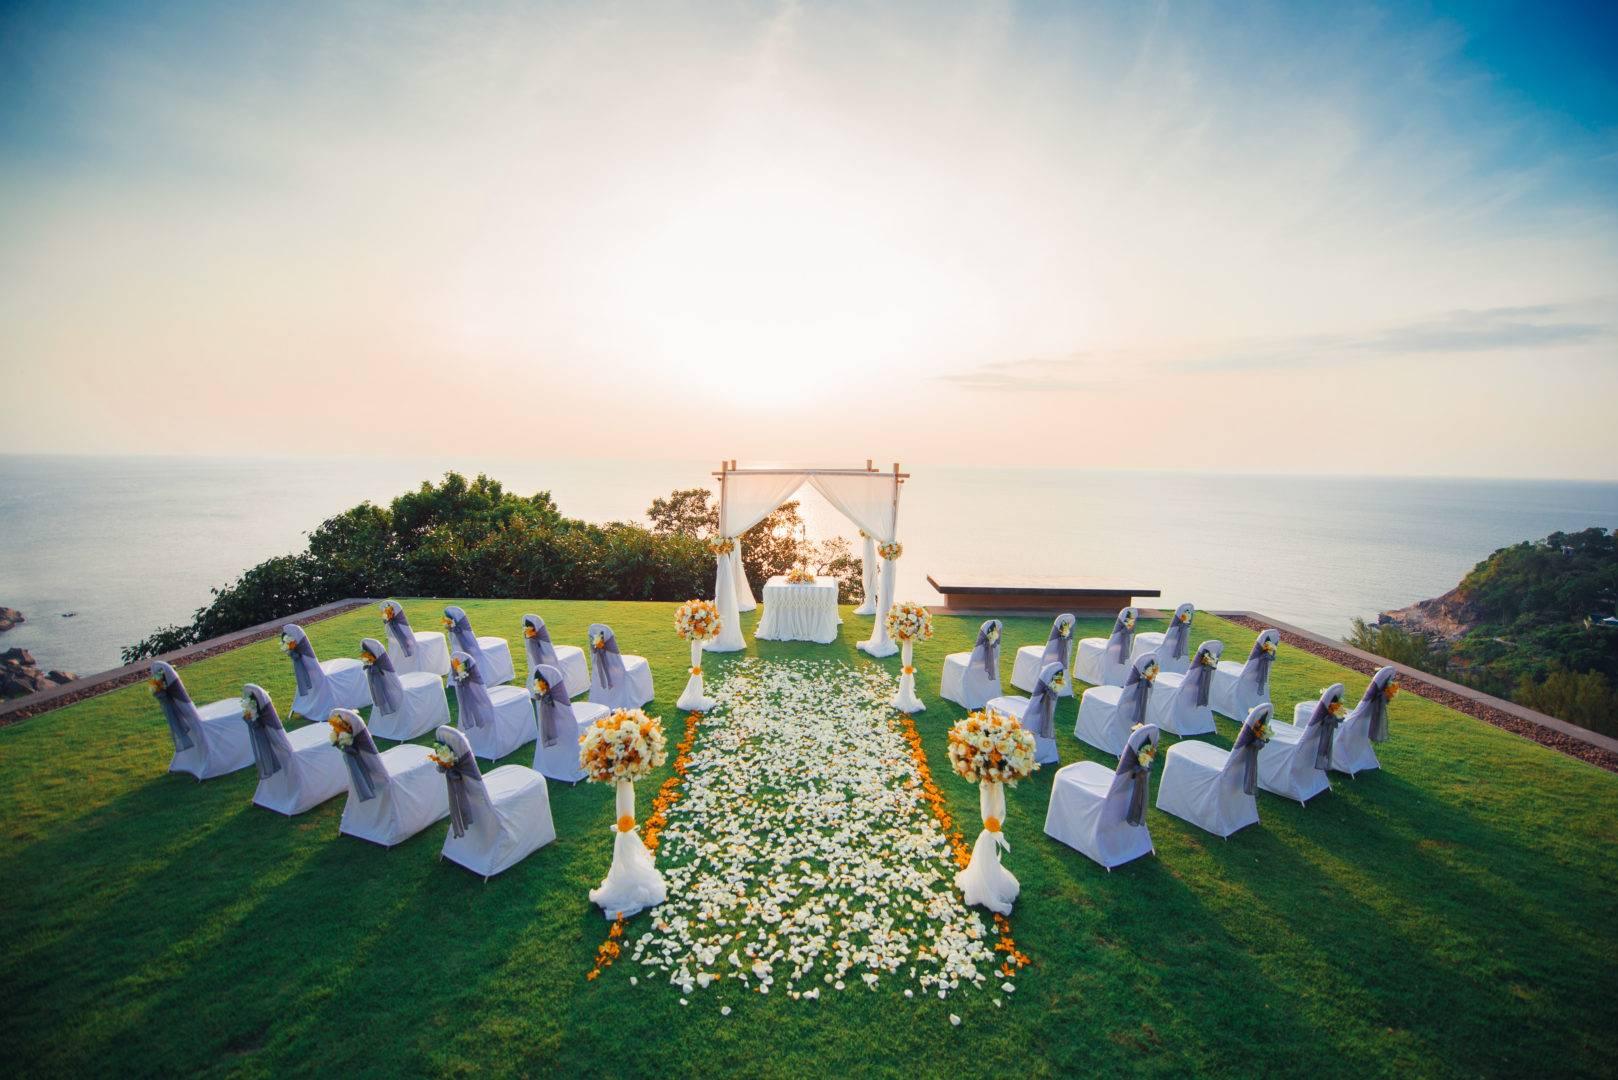 Все свадебные годовщины — что обозначает каждая и какие подарки принято дарить